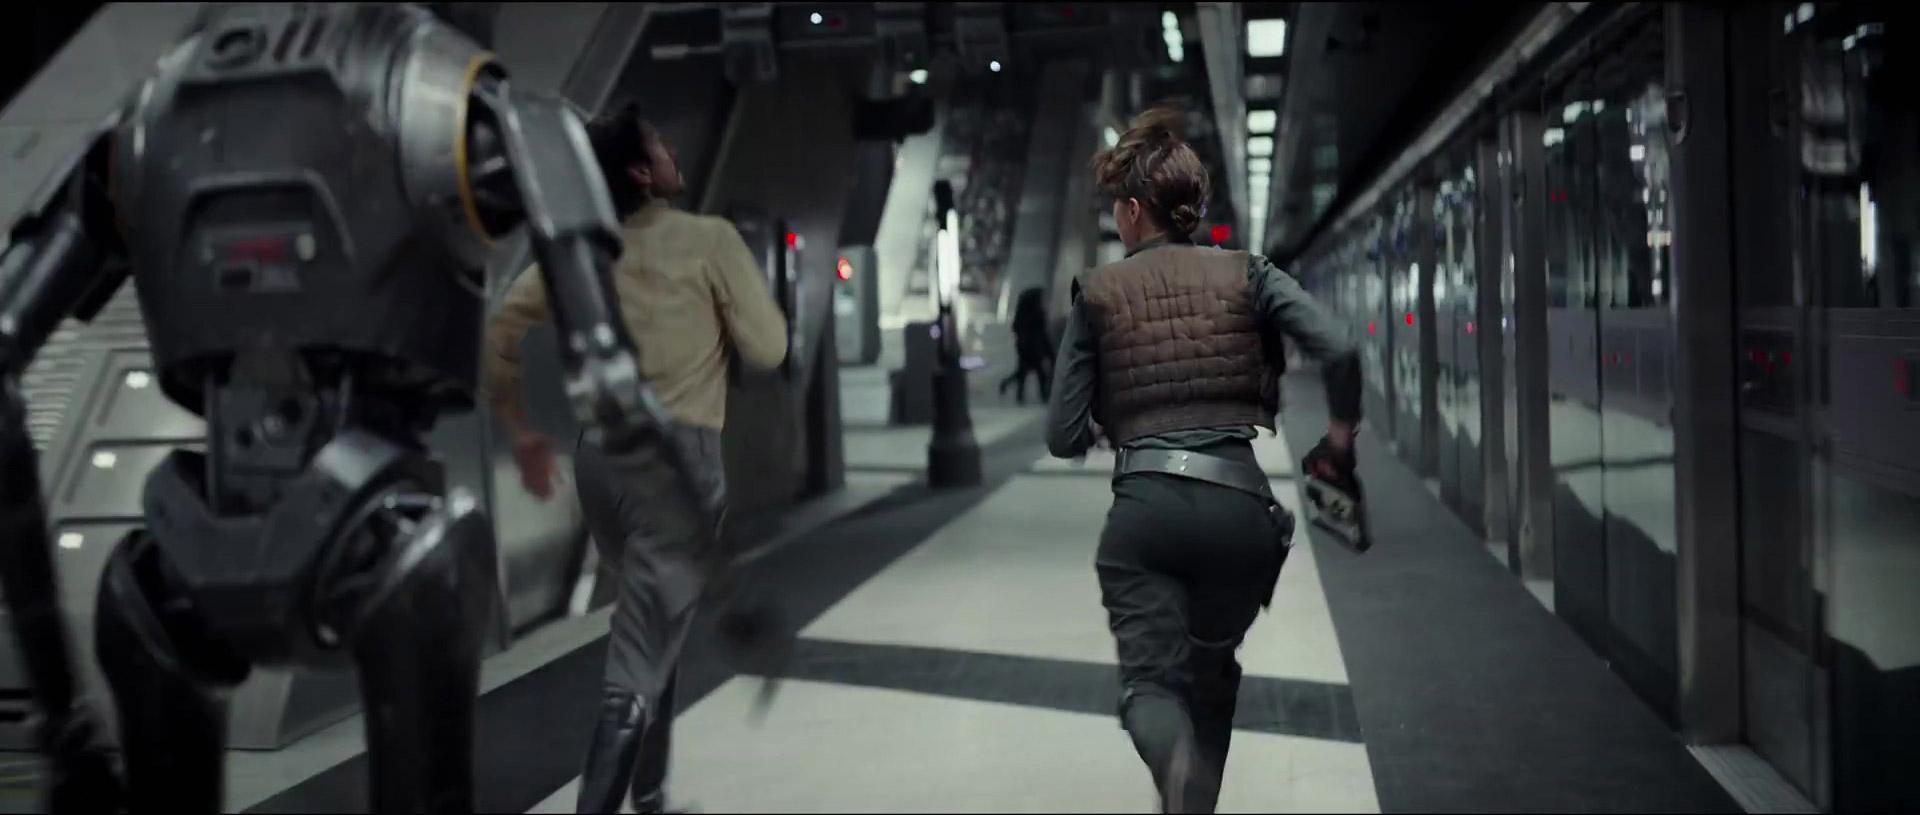 starwars-rogue-one-teaser-trailer